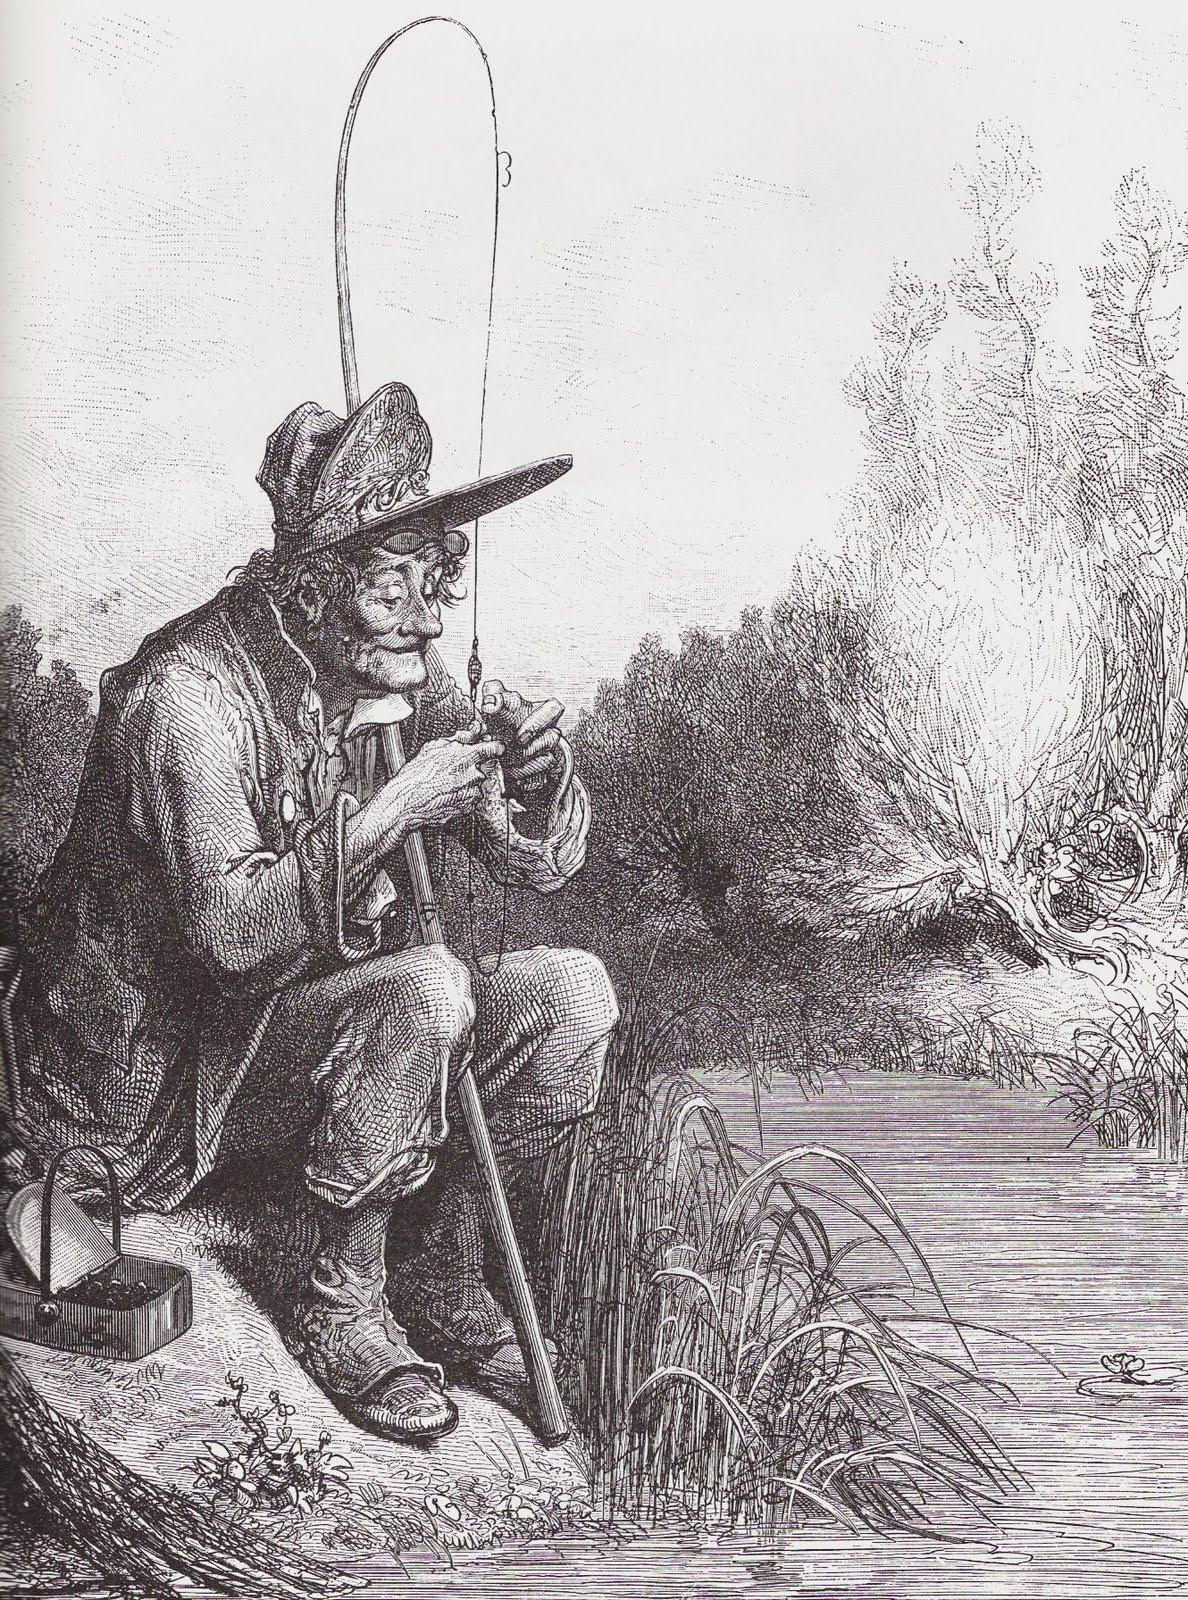 Le petit poisson et le pêcheur - Jean de La Fontaine Fable,p%C3%AAcheur+...